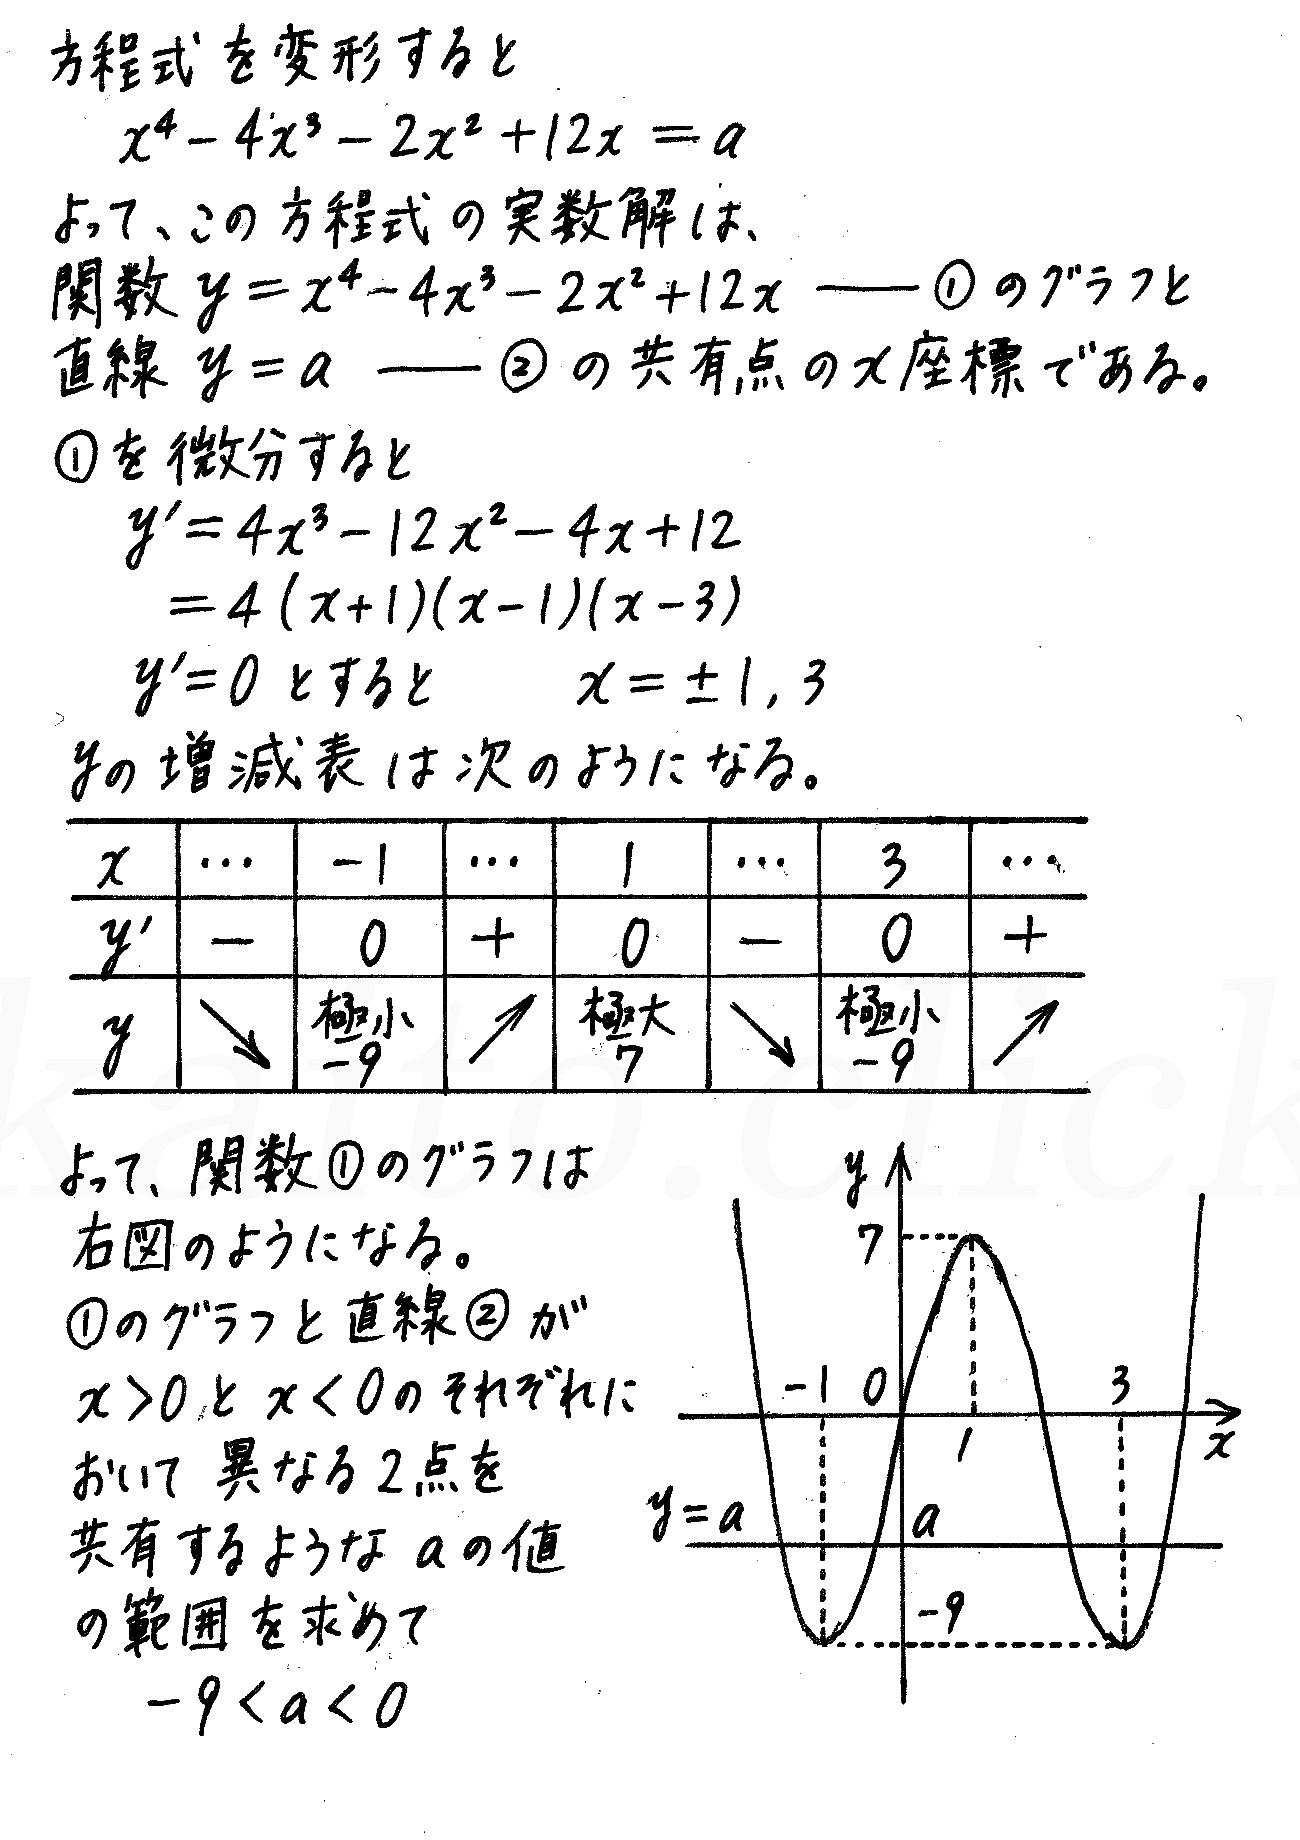 4STEP数学2-459解答